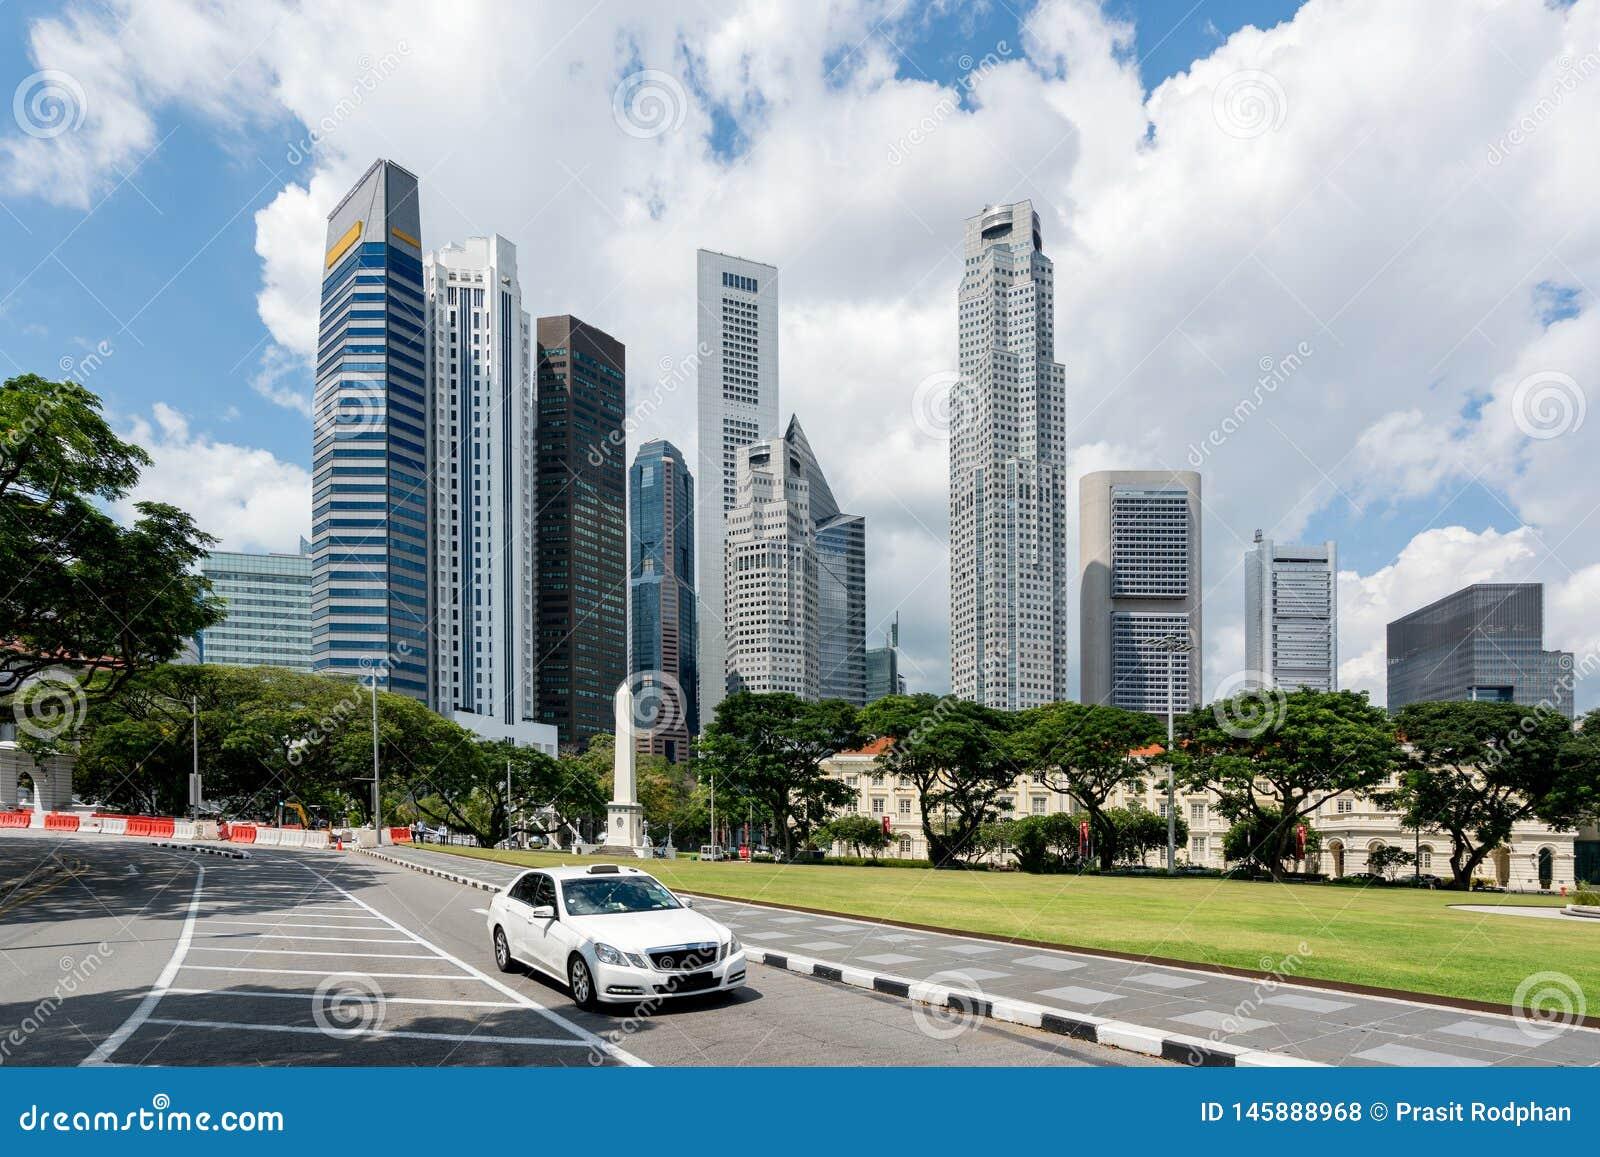 Taxitaxi som kör i väg i det Singapore centret med Singapore skyskrapor som bygger i bakgrund askfat